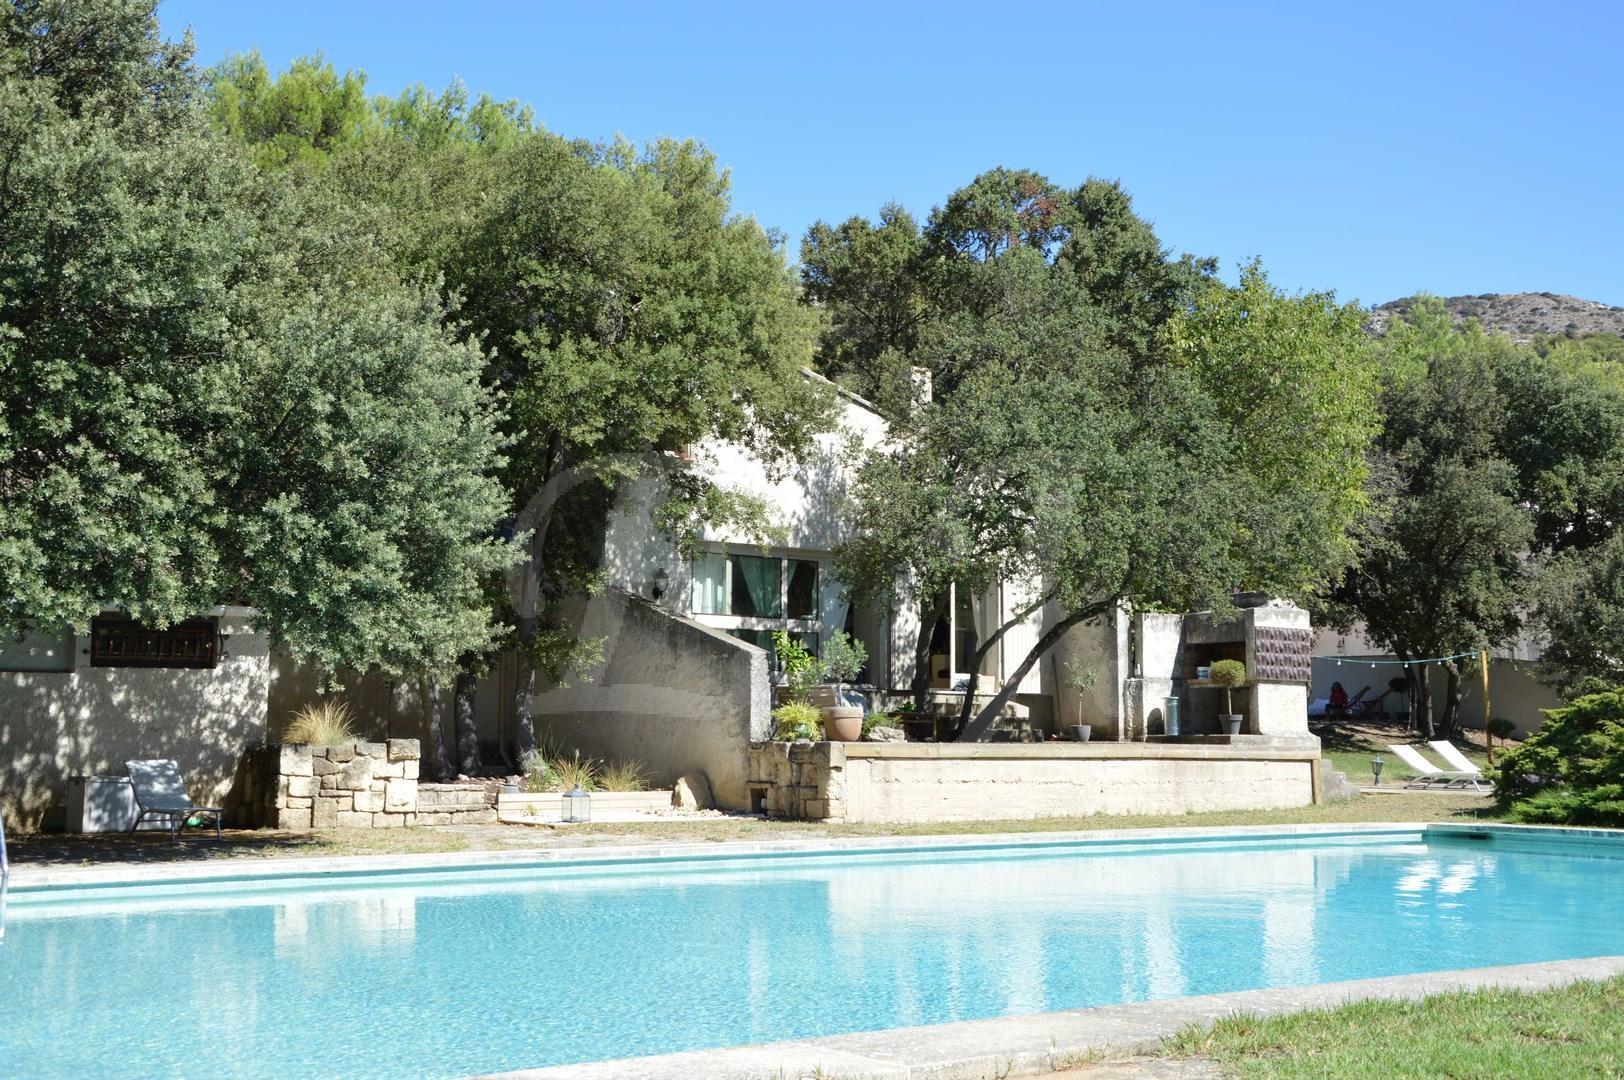 ventes maison t4 f4 cavaillon de plain pied avec jardin arbore et piscine maison et villa. Black Bedroom Furniture Sets. Home Design Ideas